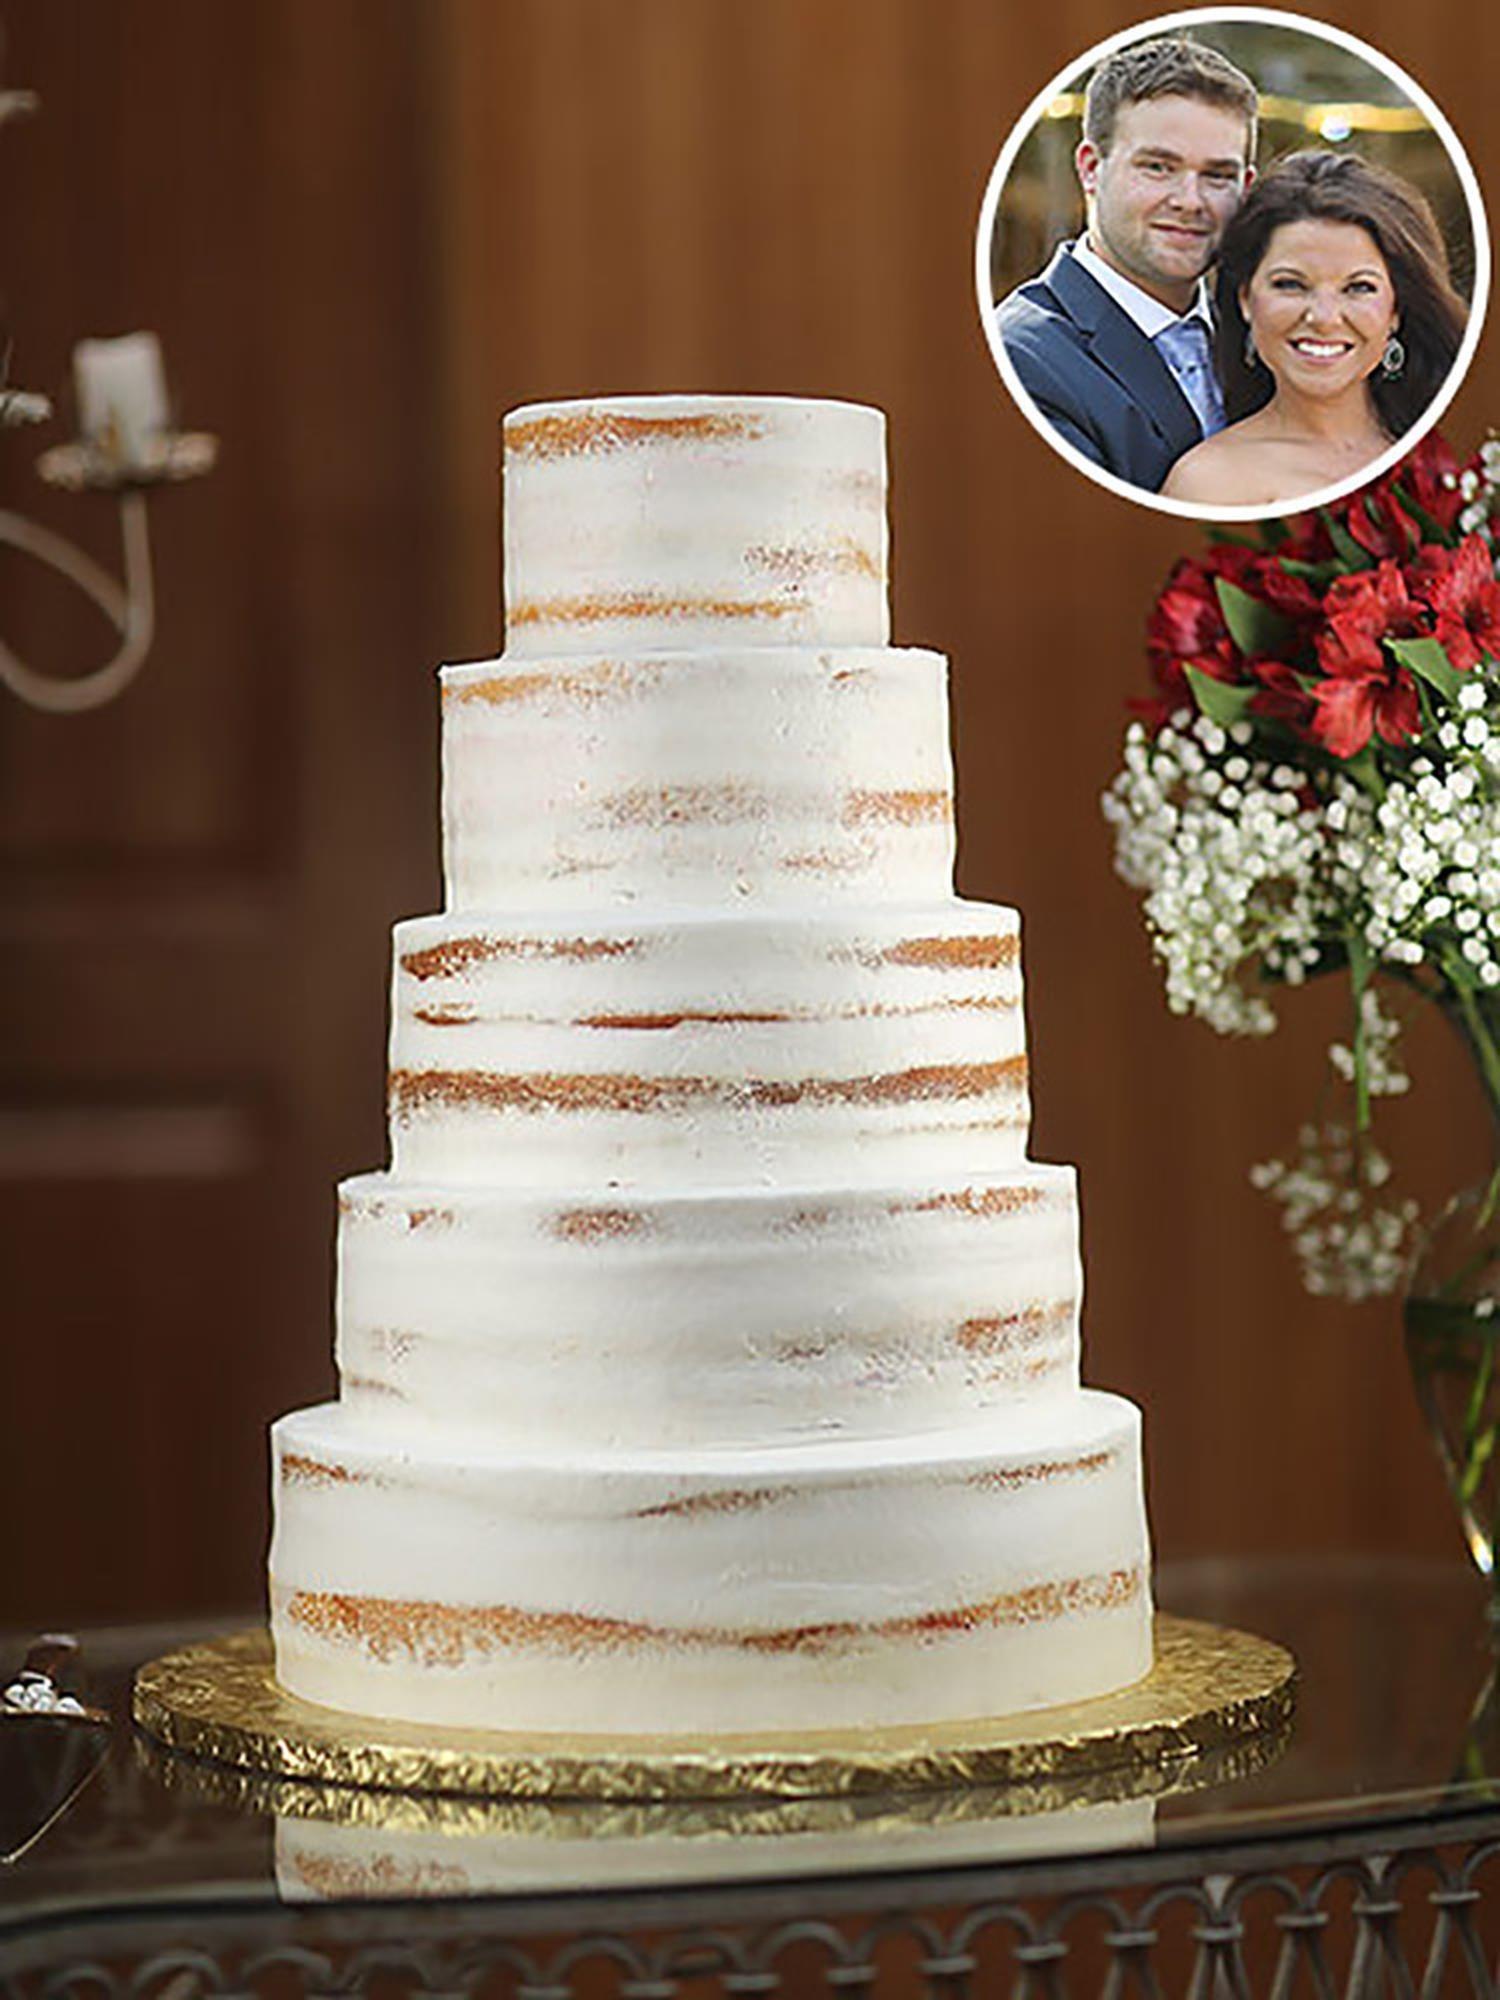 Wedding Cake Zingy Lemon In 2020 Wedding Cakes Modern Wedding Cake Wedding Cake Designs